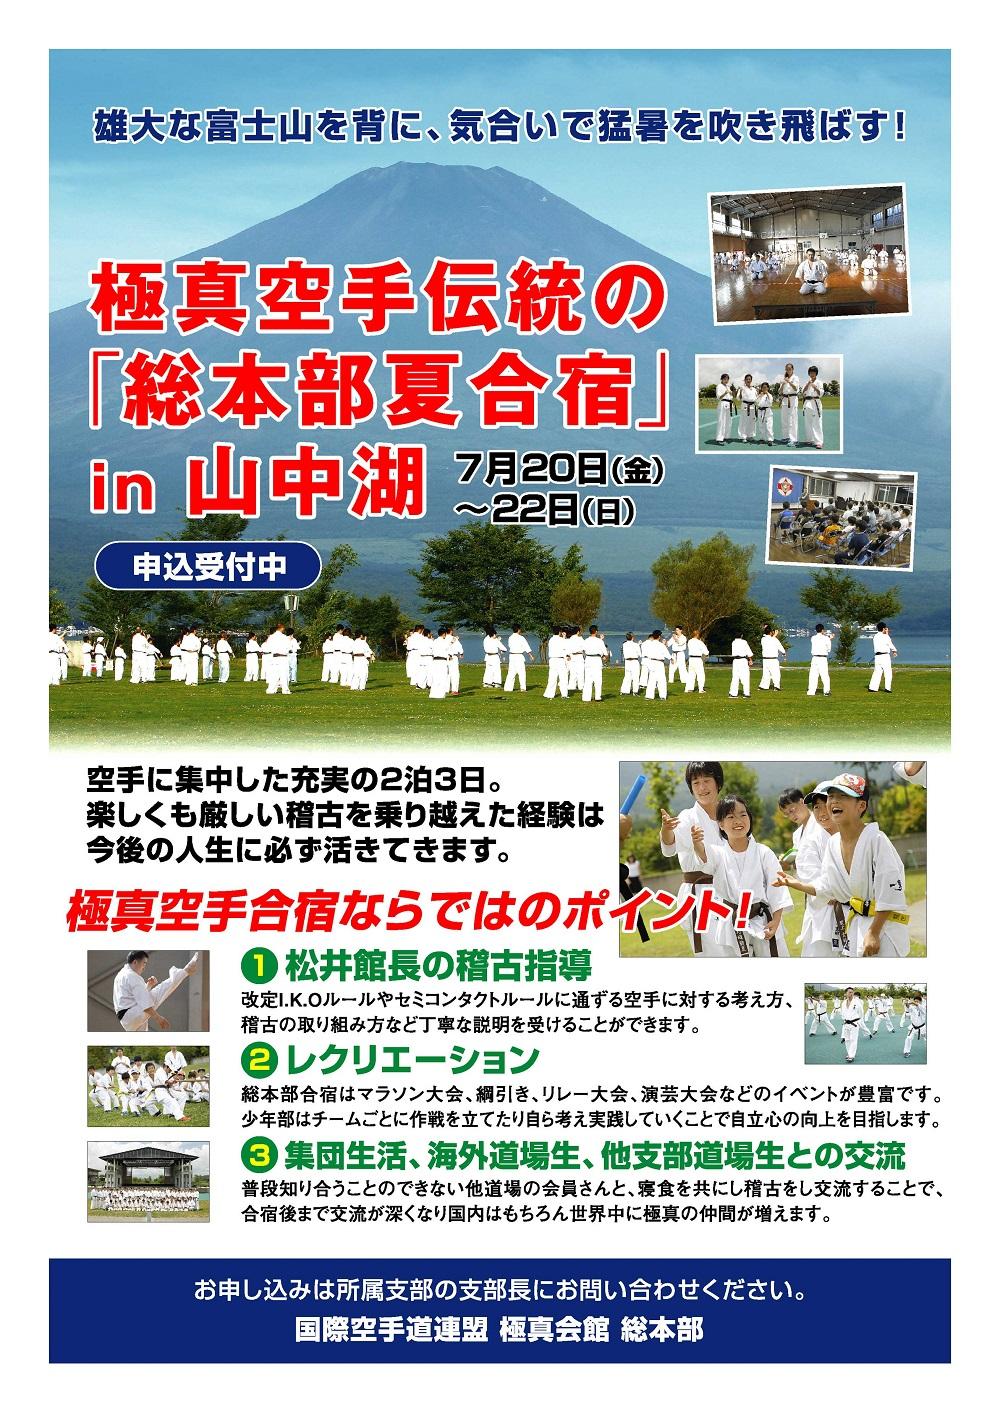 2018総本部夏合宿参加者募集のお知らせ